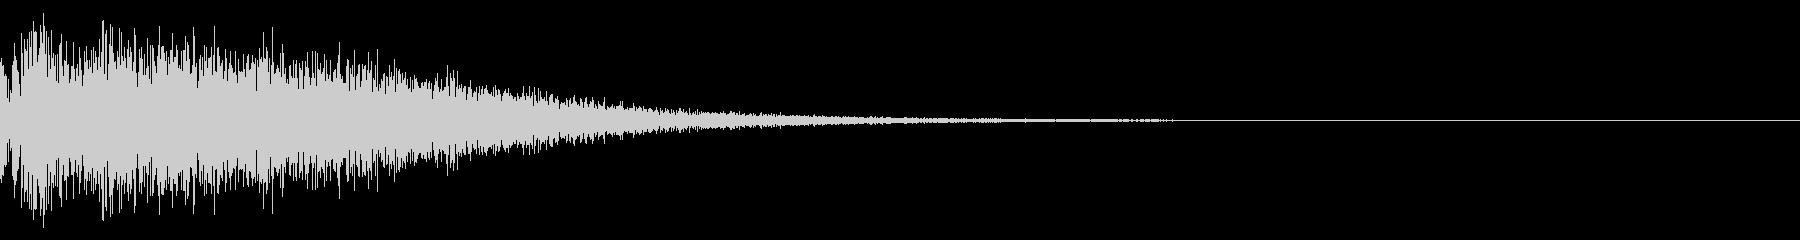 銅鑼(ドラ)の音でスタート音の未再生の波形